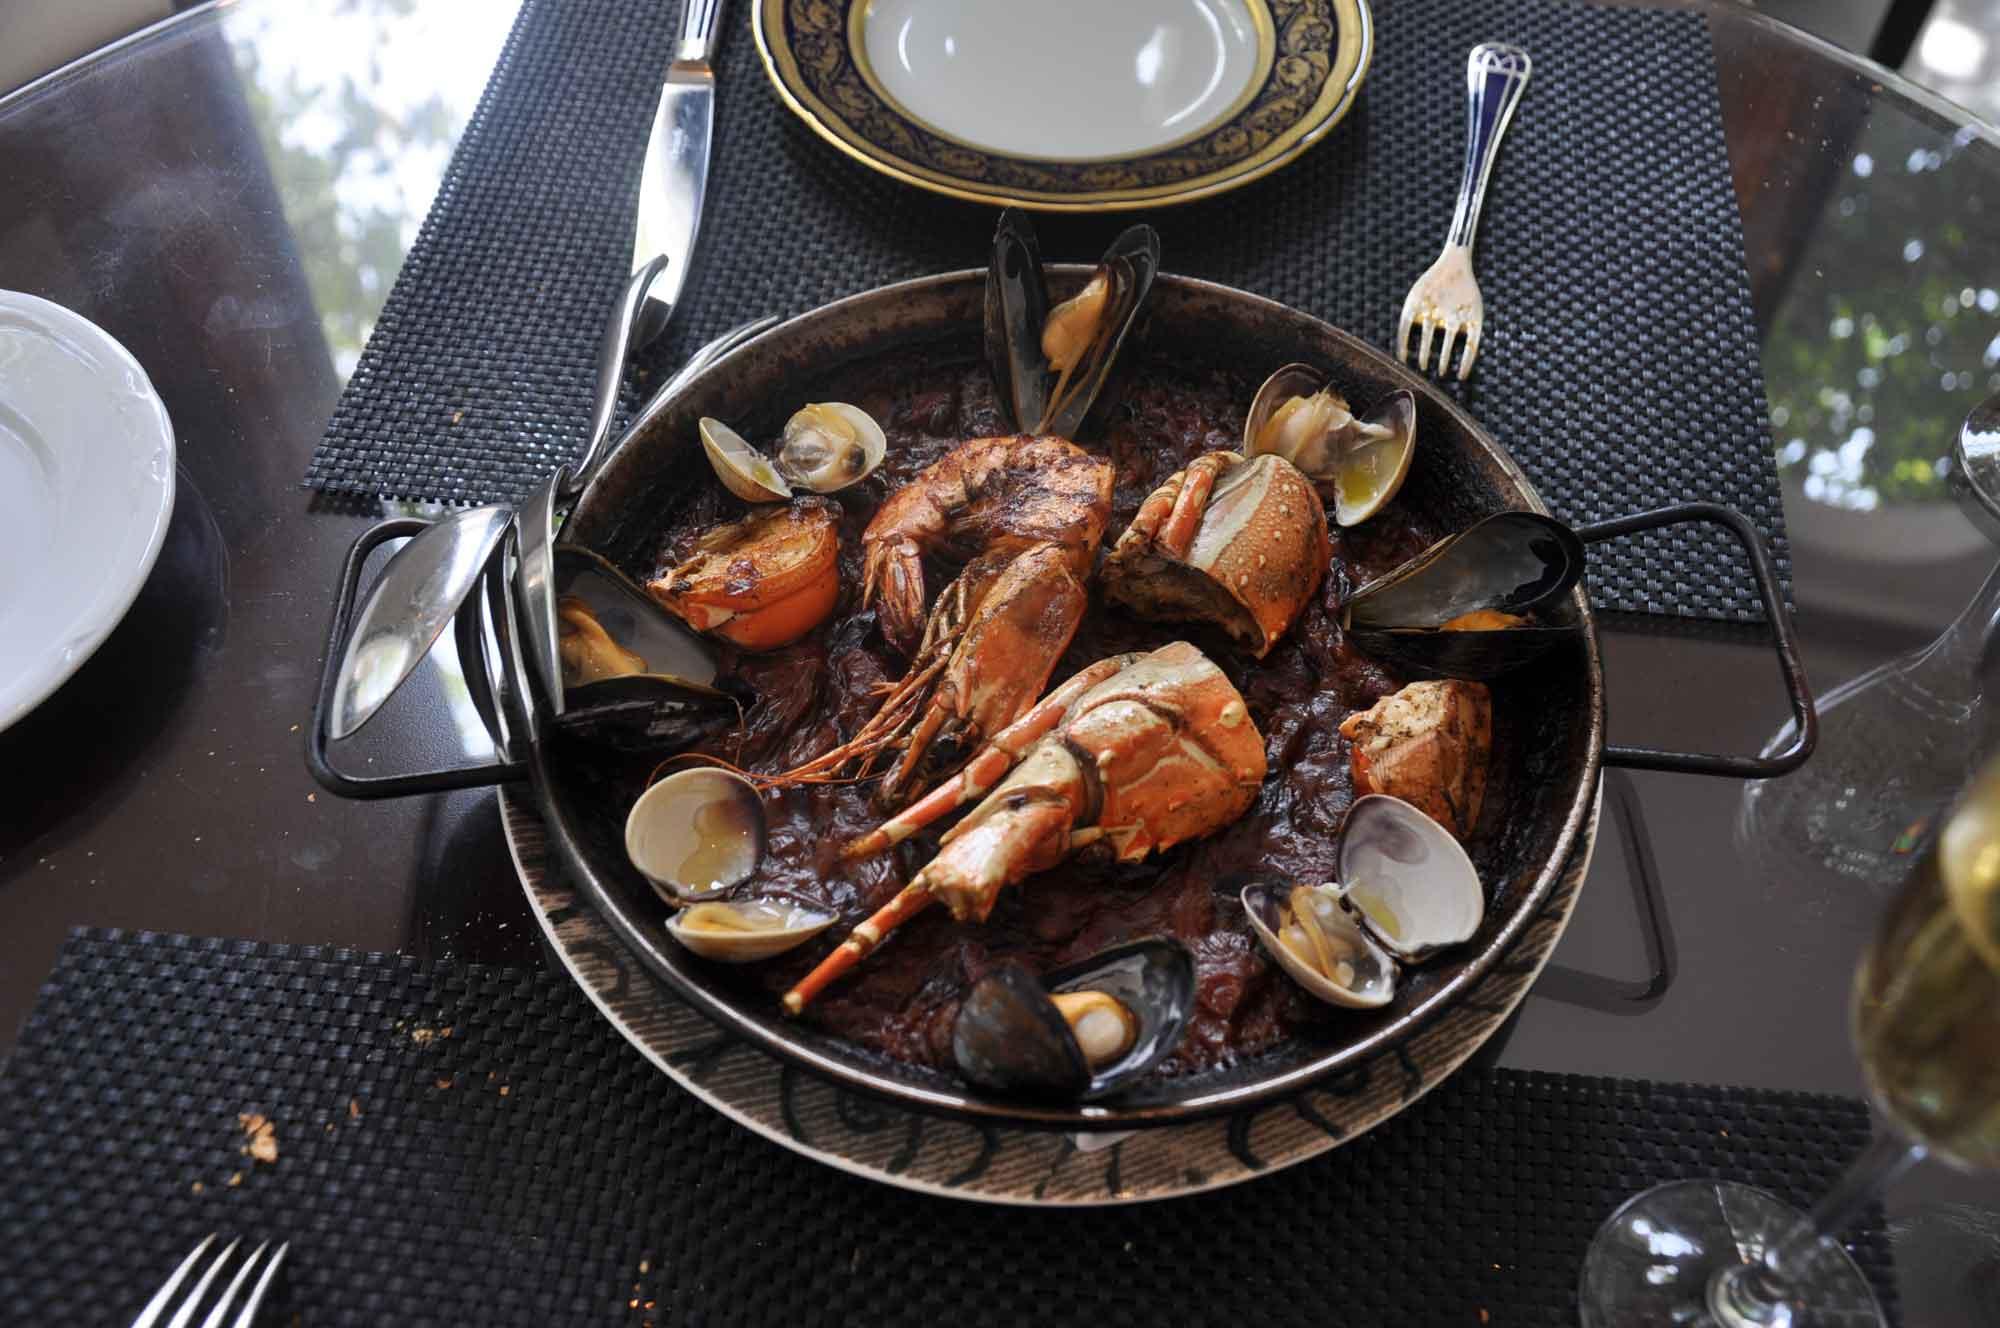 La Paloma Macau lobster rice